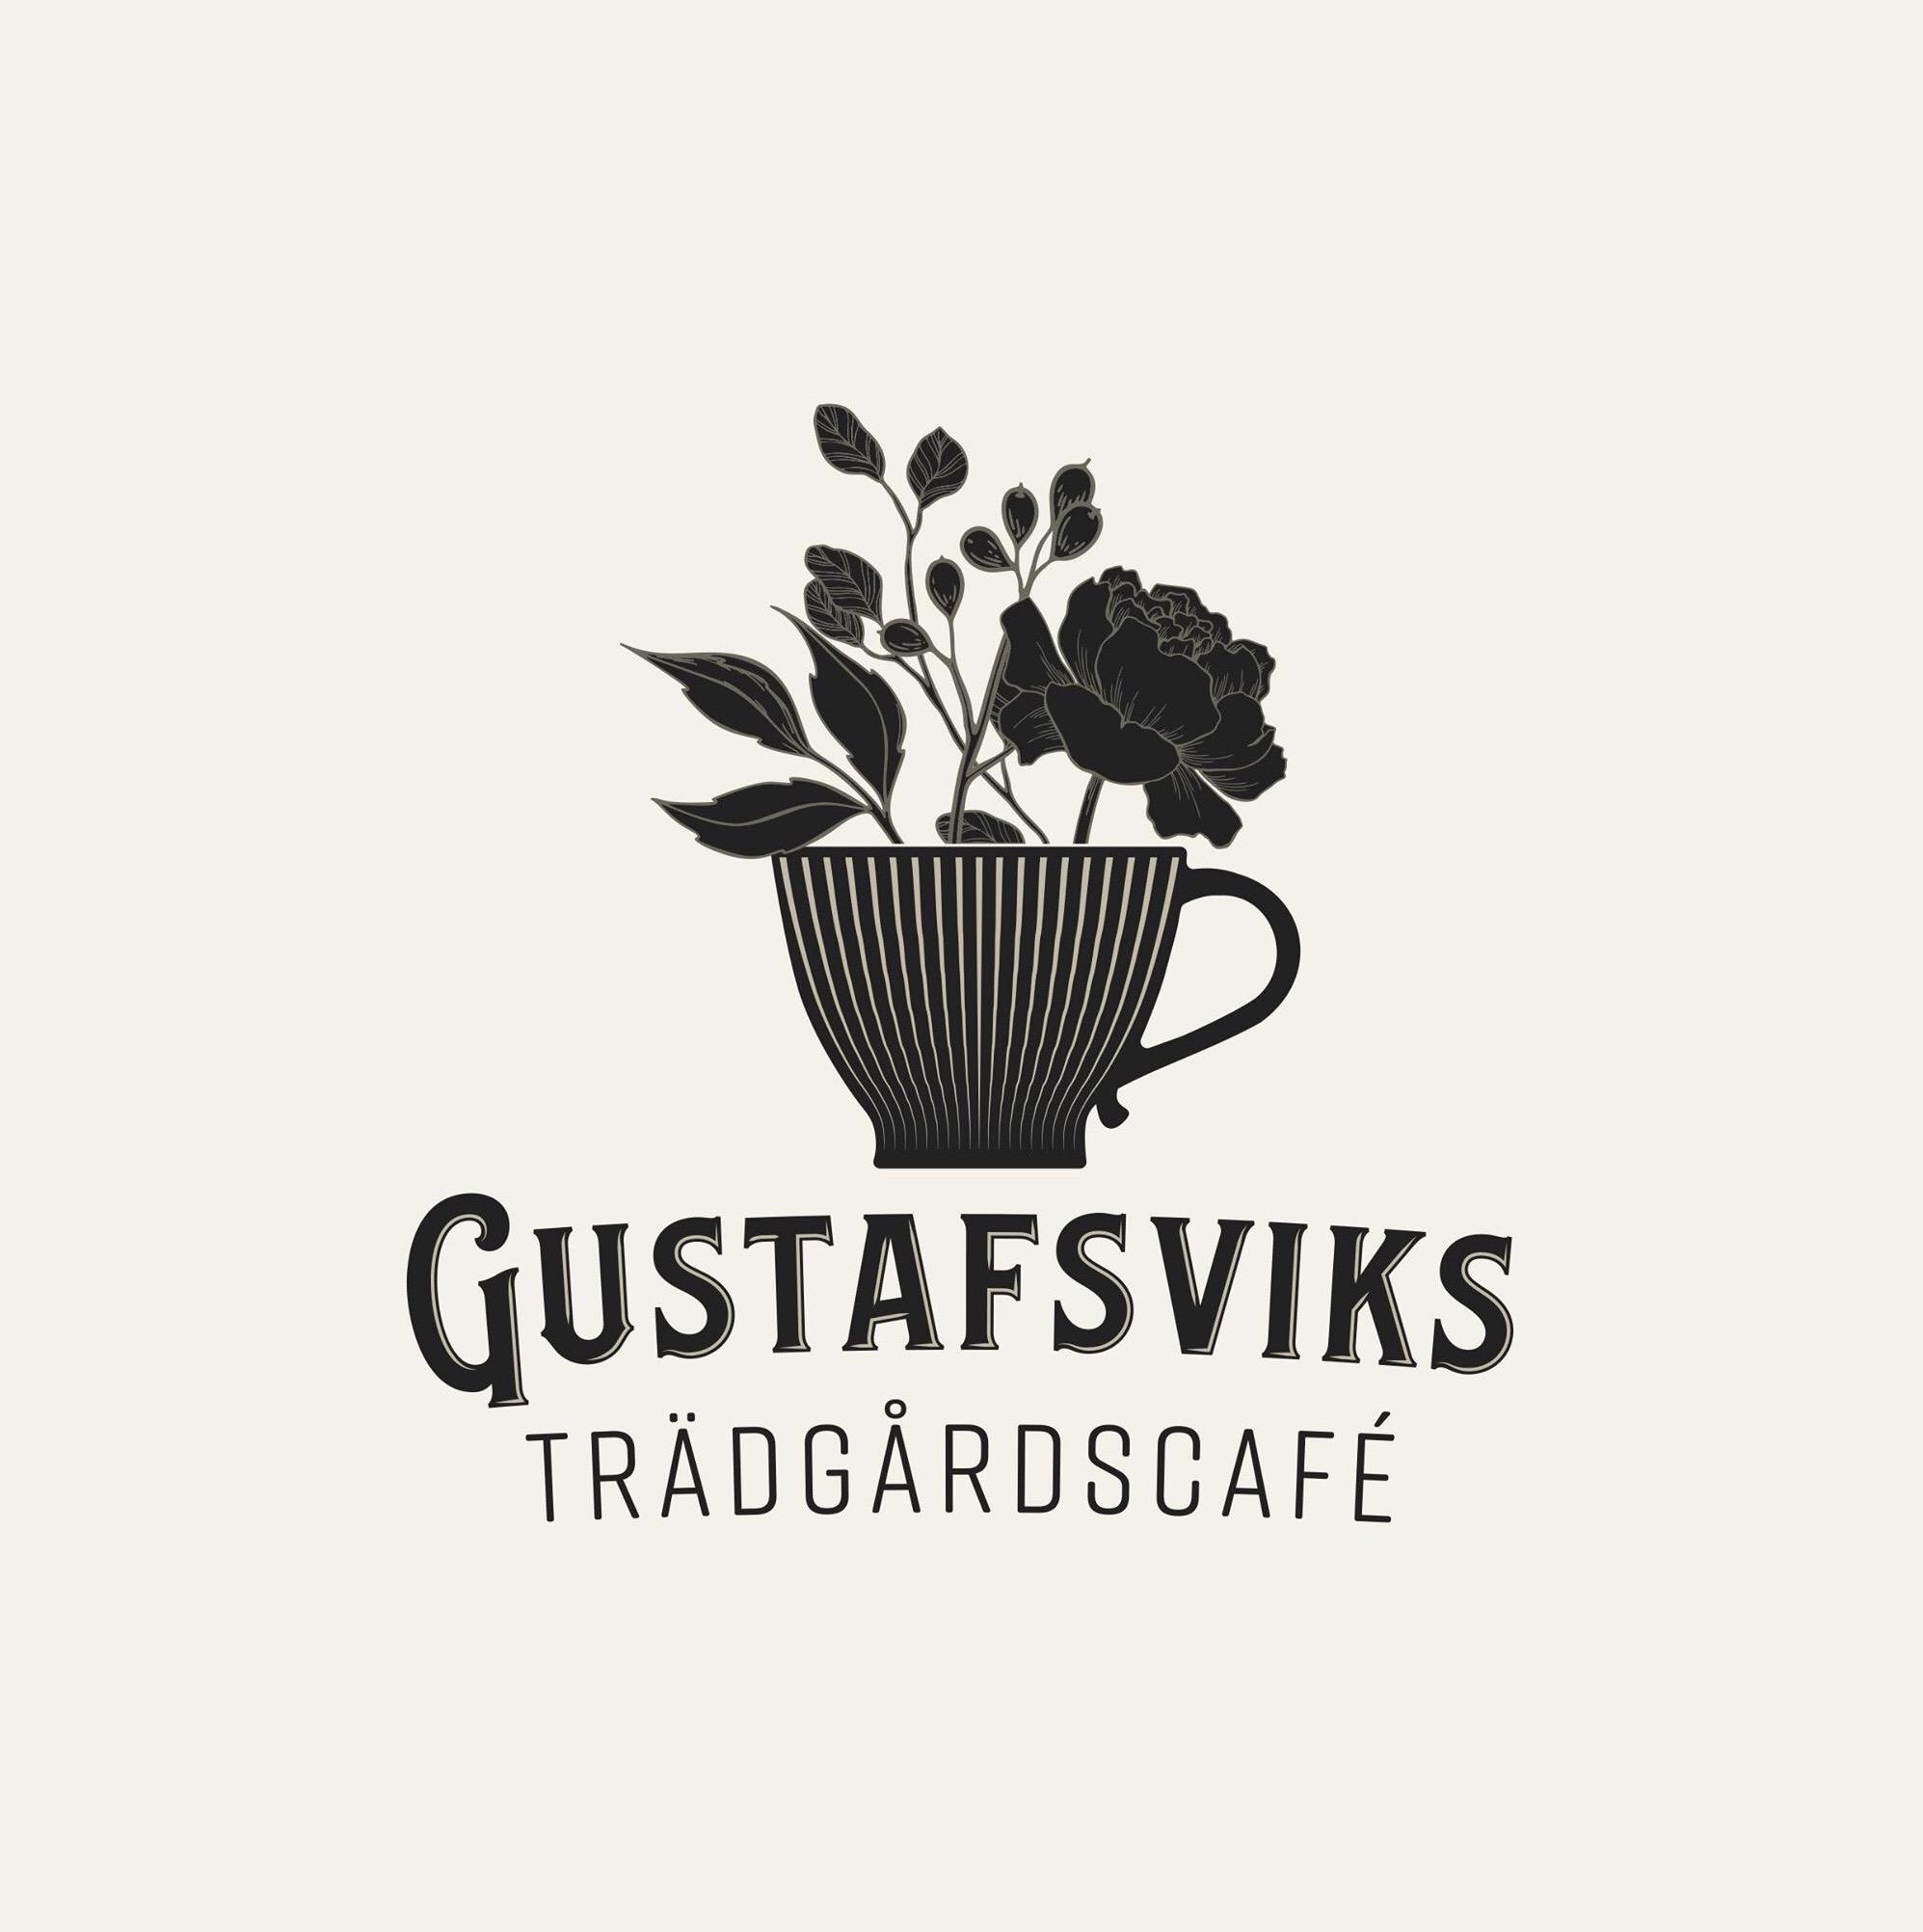 Gustafsviks trädgårdscafé